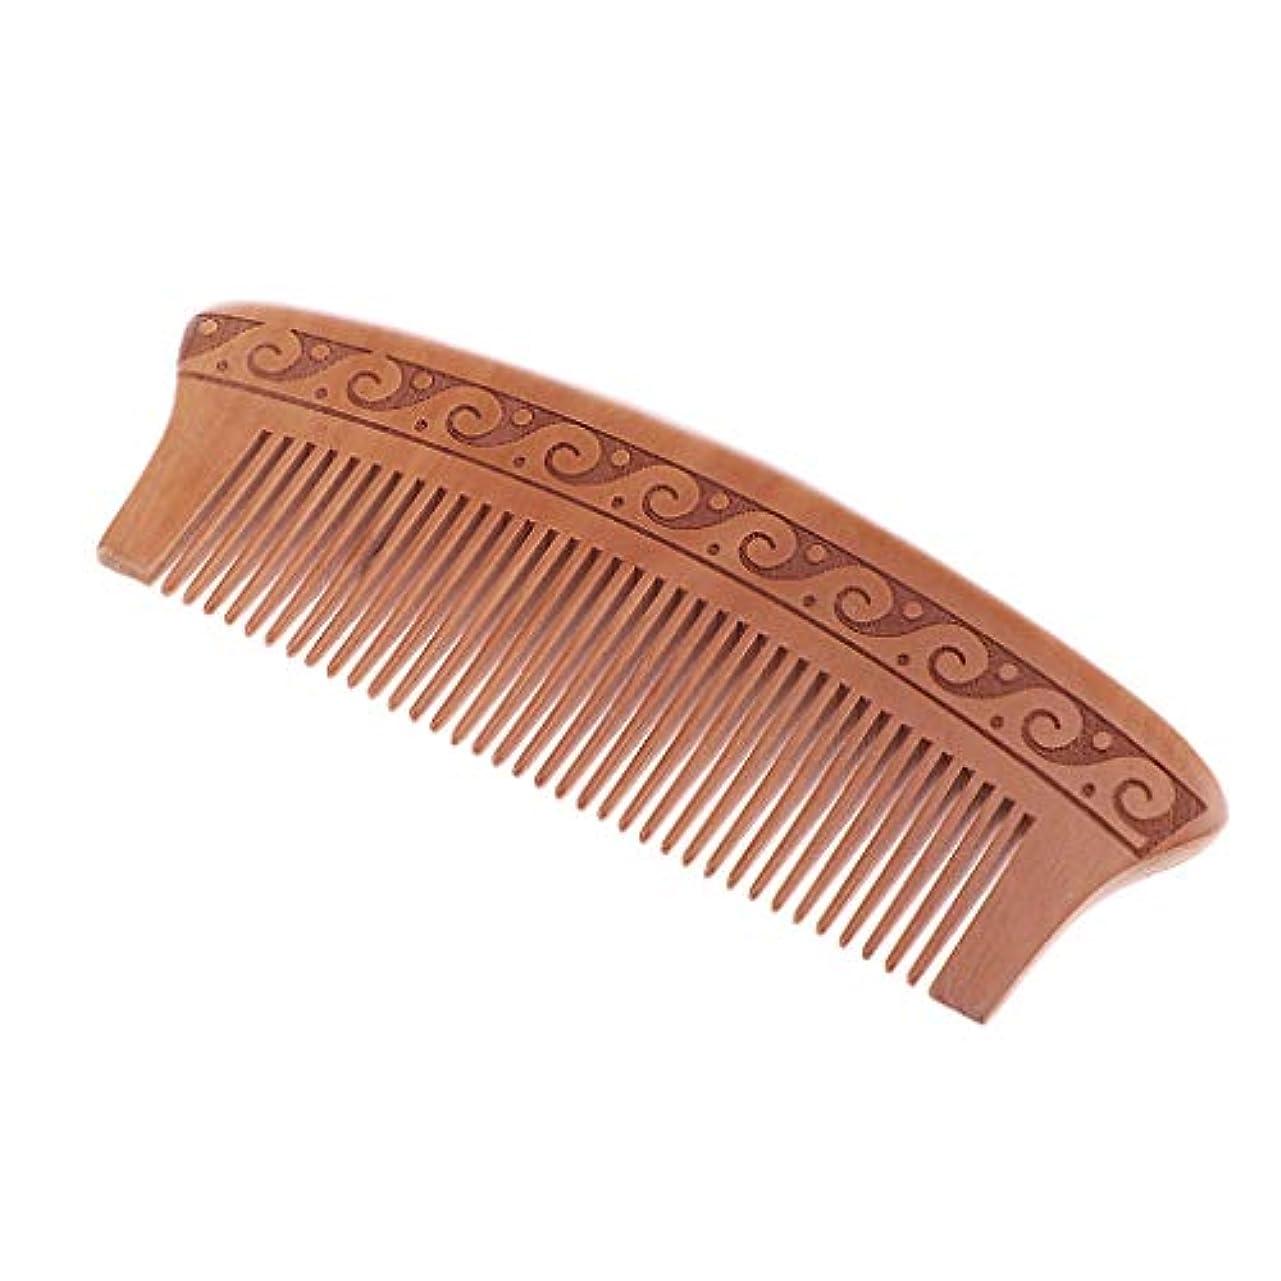 クモいわゆる乏しいウッドワイドの歯静電気防止マホガニー櫛頭マッサージ木製の櫛 - J16d